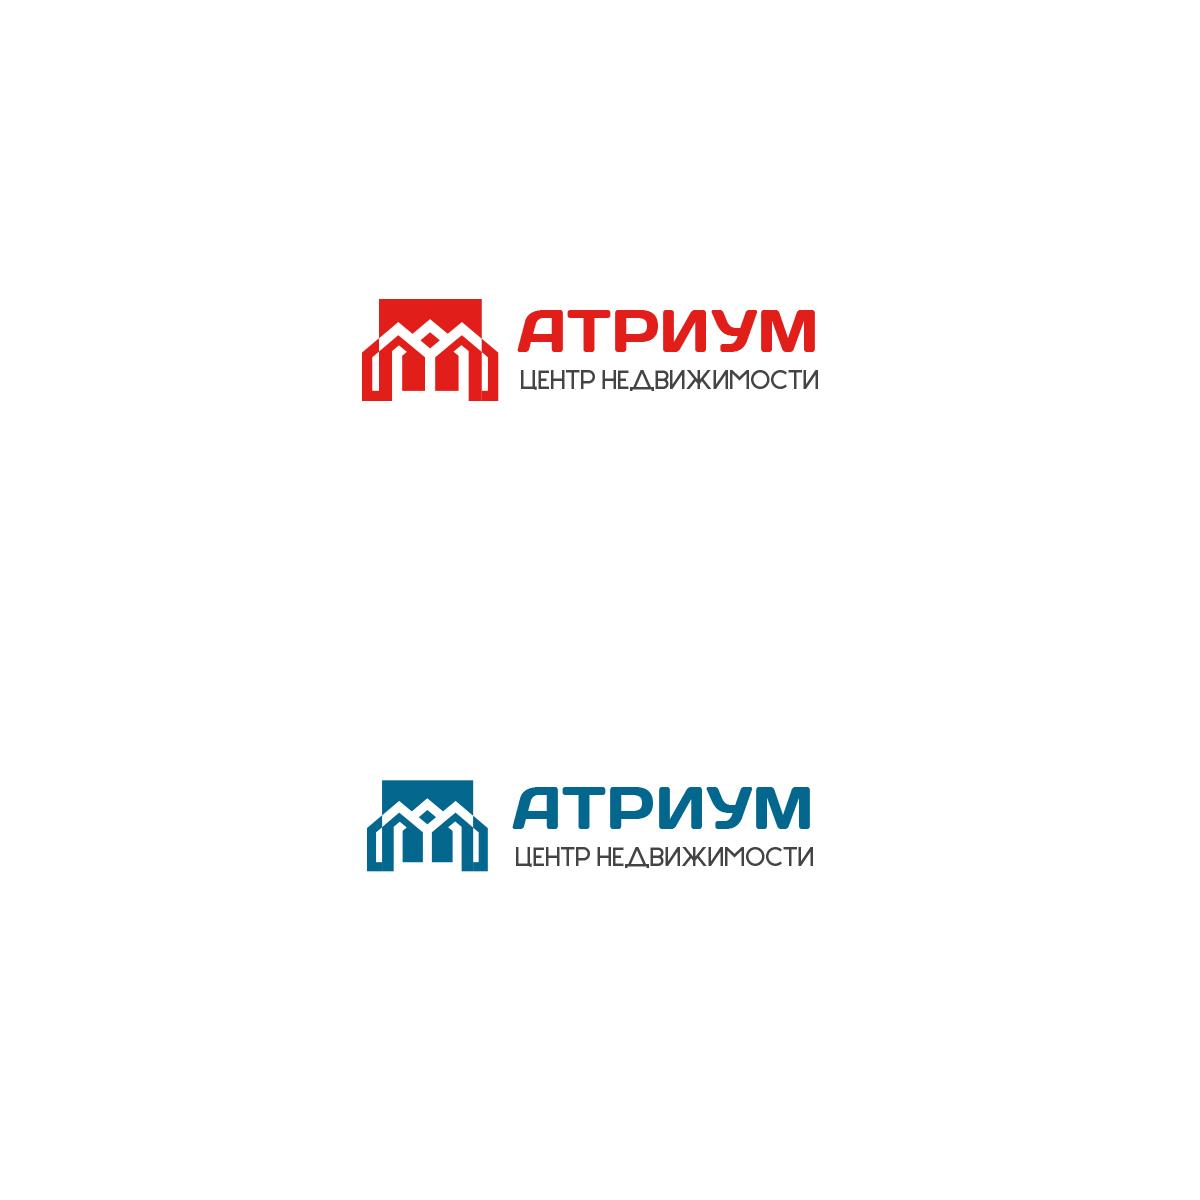 Редизайн / модернизация логотипа Центра недвижимости фото f_6335bc8a44b8a3f5.jpg